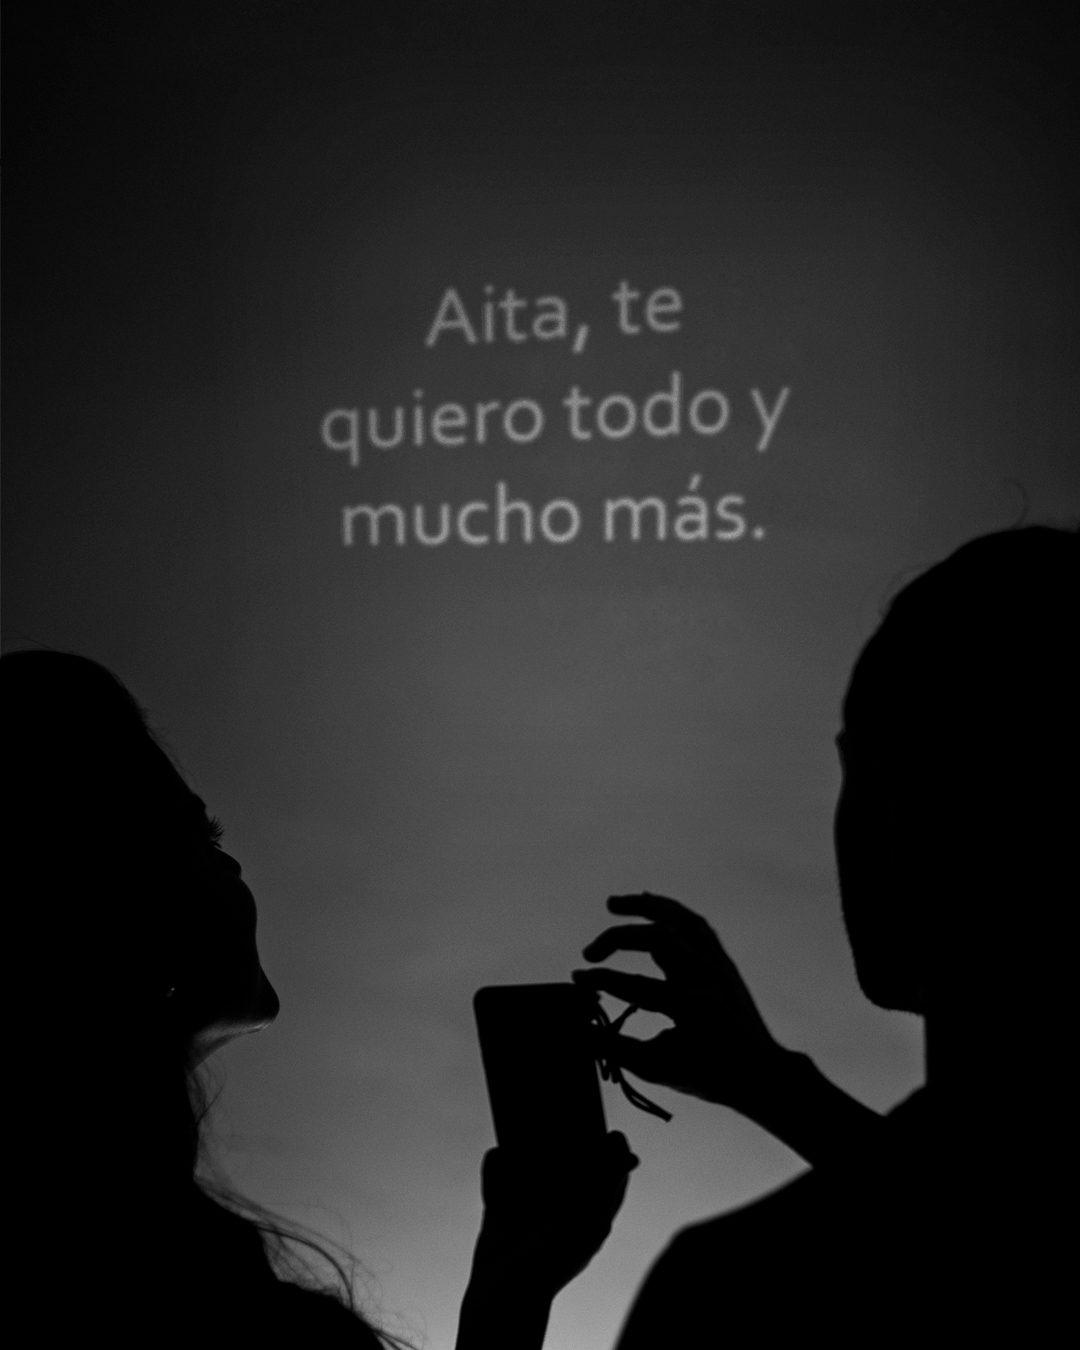 Aita, te quiero todo y mucho más1